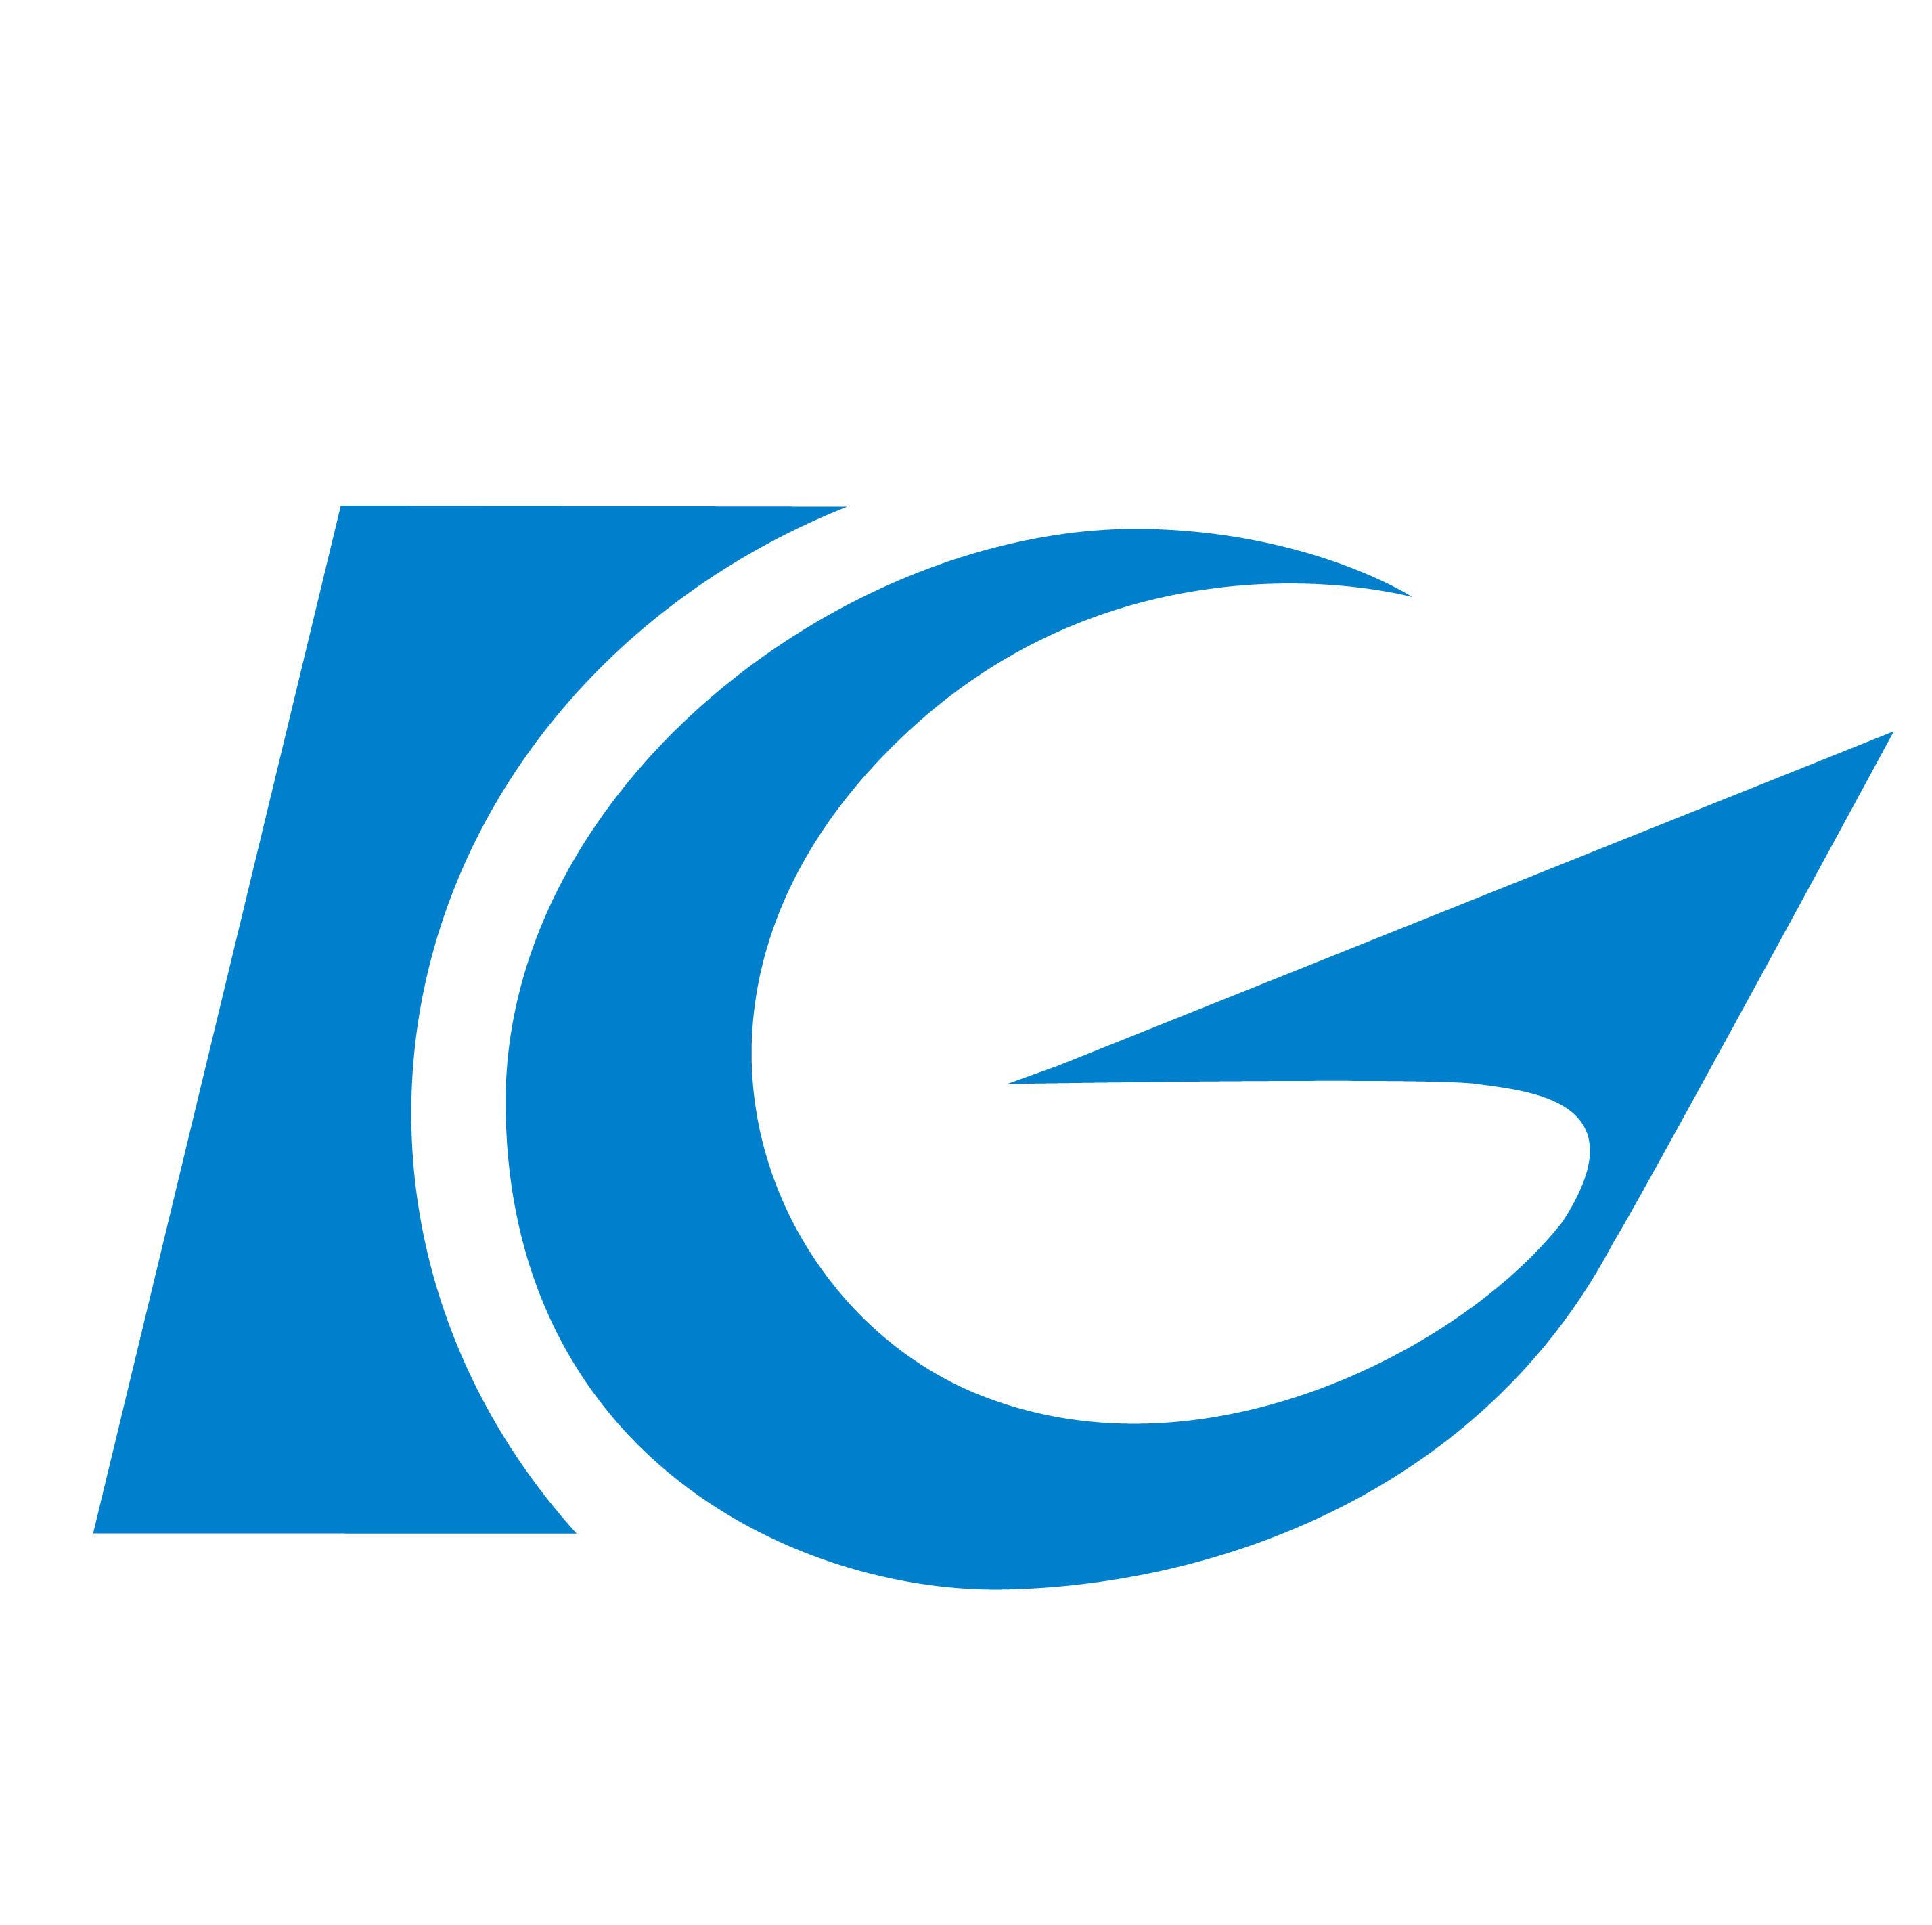 logo logo 标志 设计 矢量 矢量图 素材 图标 2855_2844